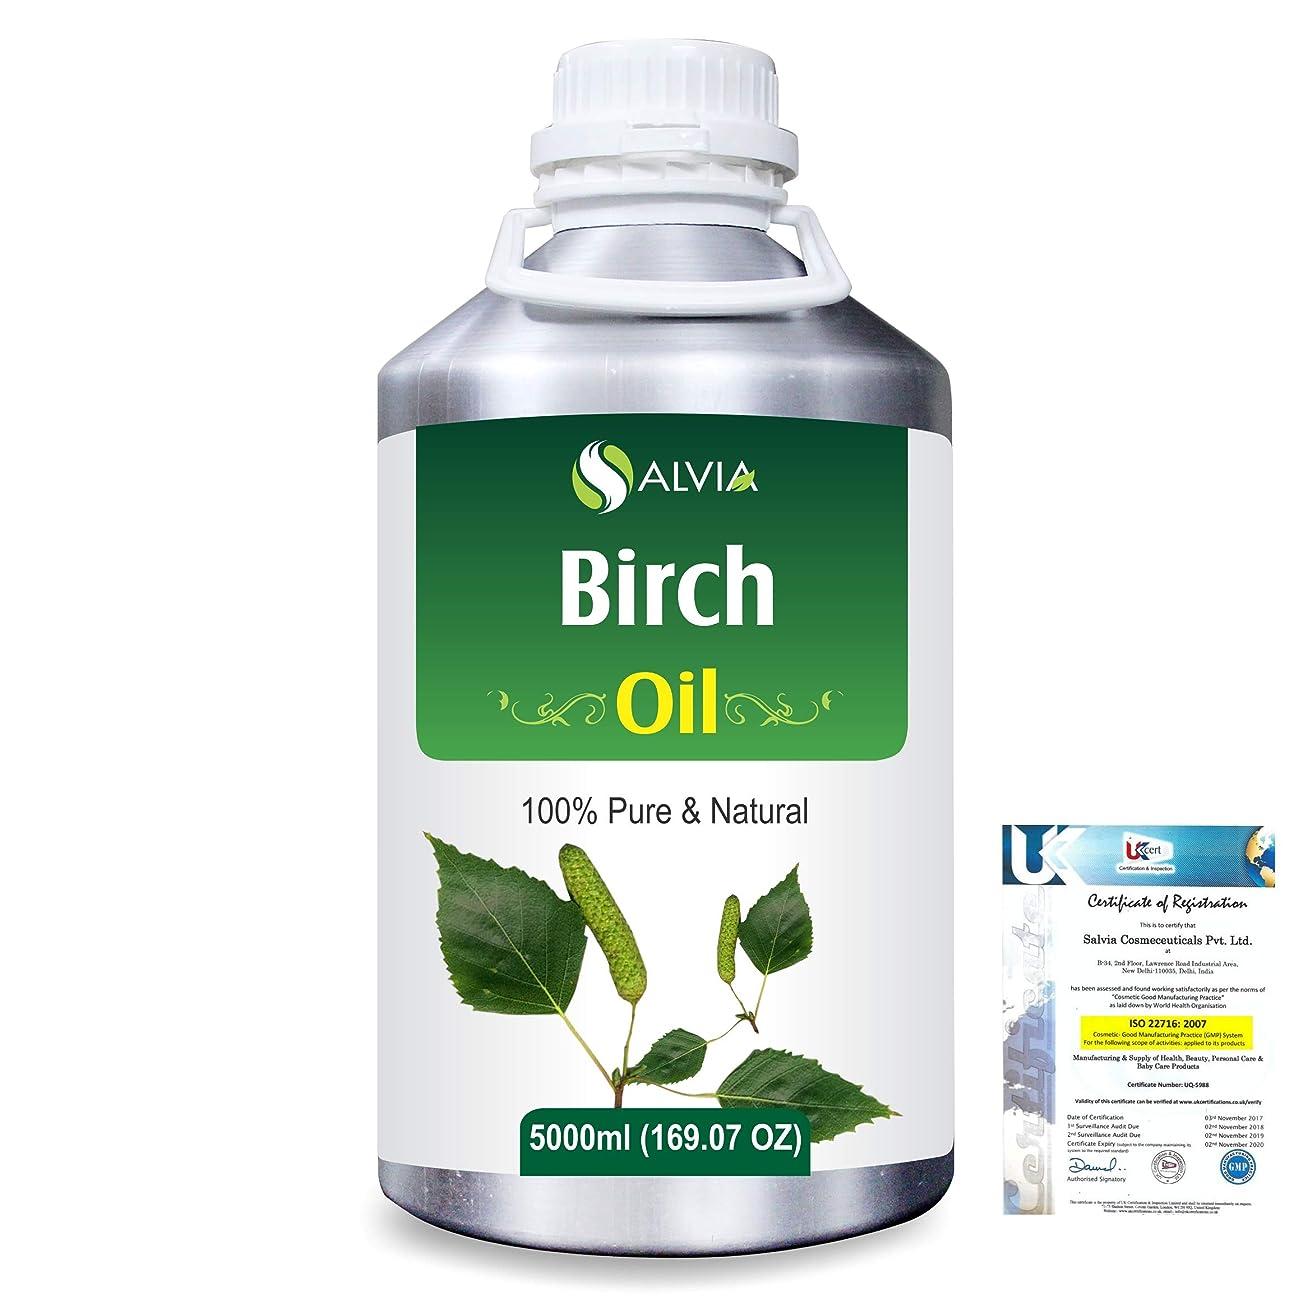 気候荷物清めるBirch (Betula Pendula,Betula Alba) 100% Natural Pure Essential Oil 5000ml/169fl.oz.